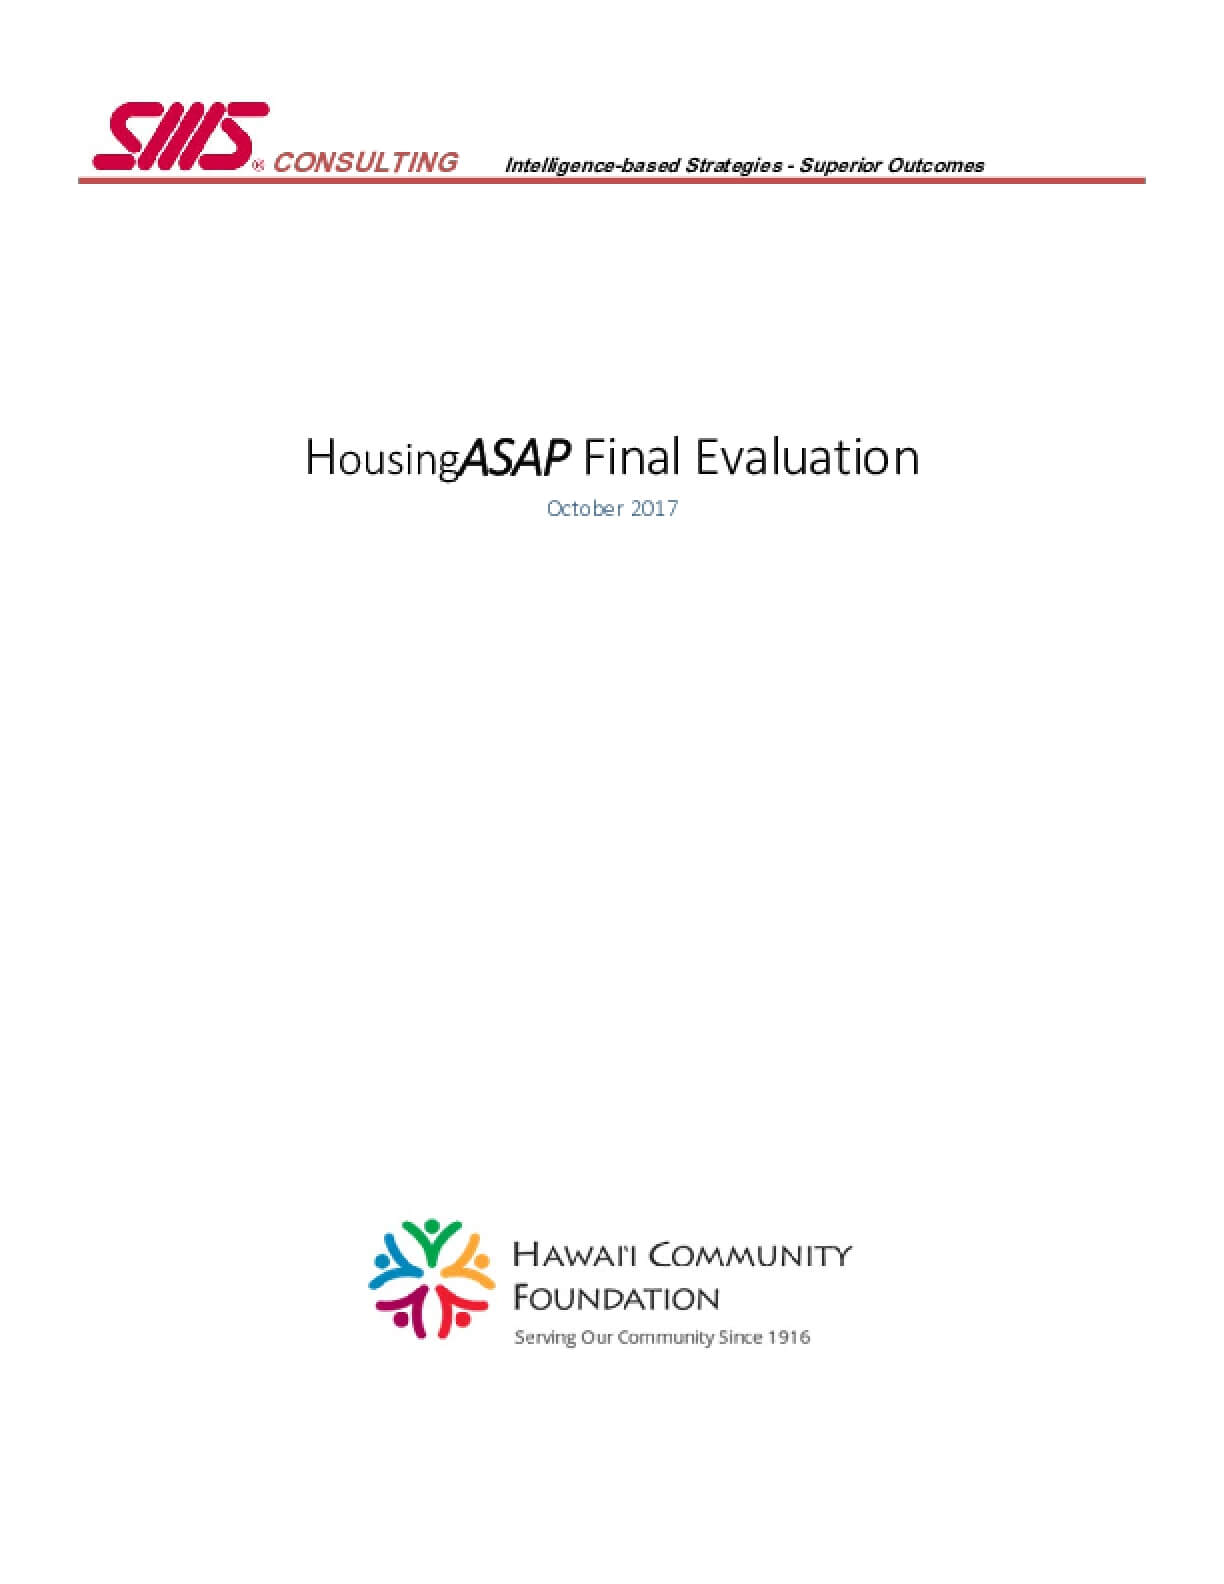 HousingASAP Final Evaluation